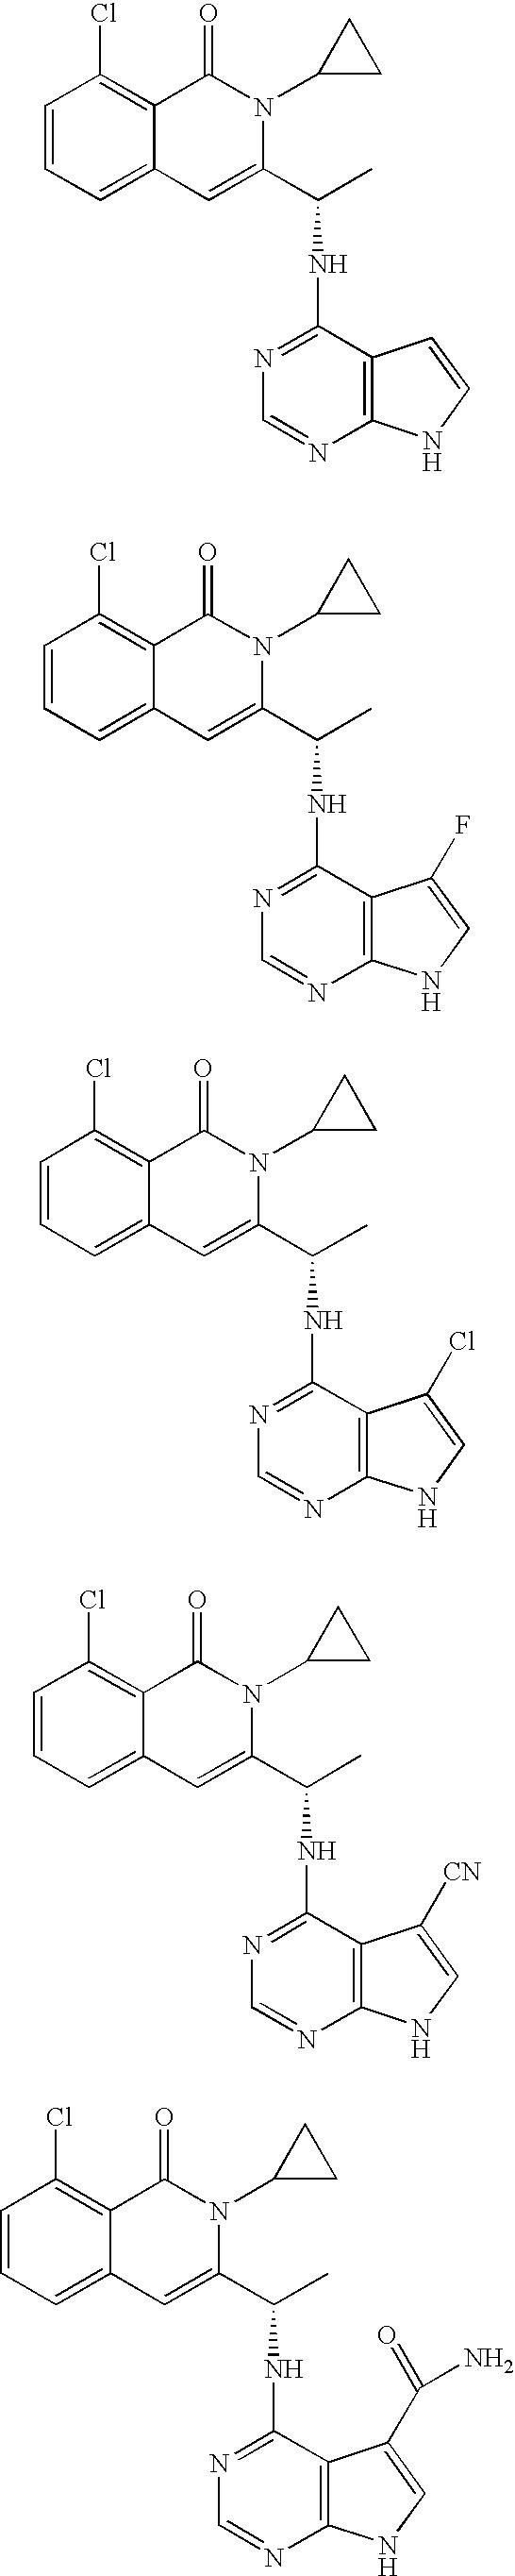 Figure US08193182-20120605-C00283